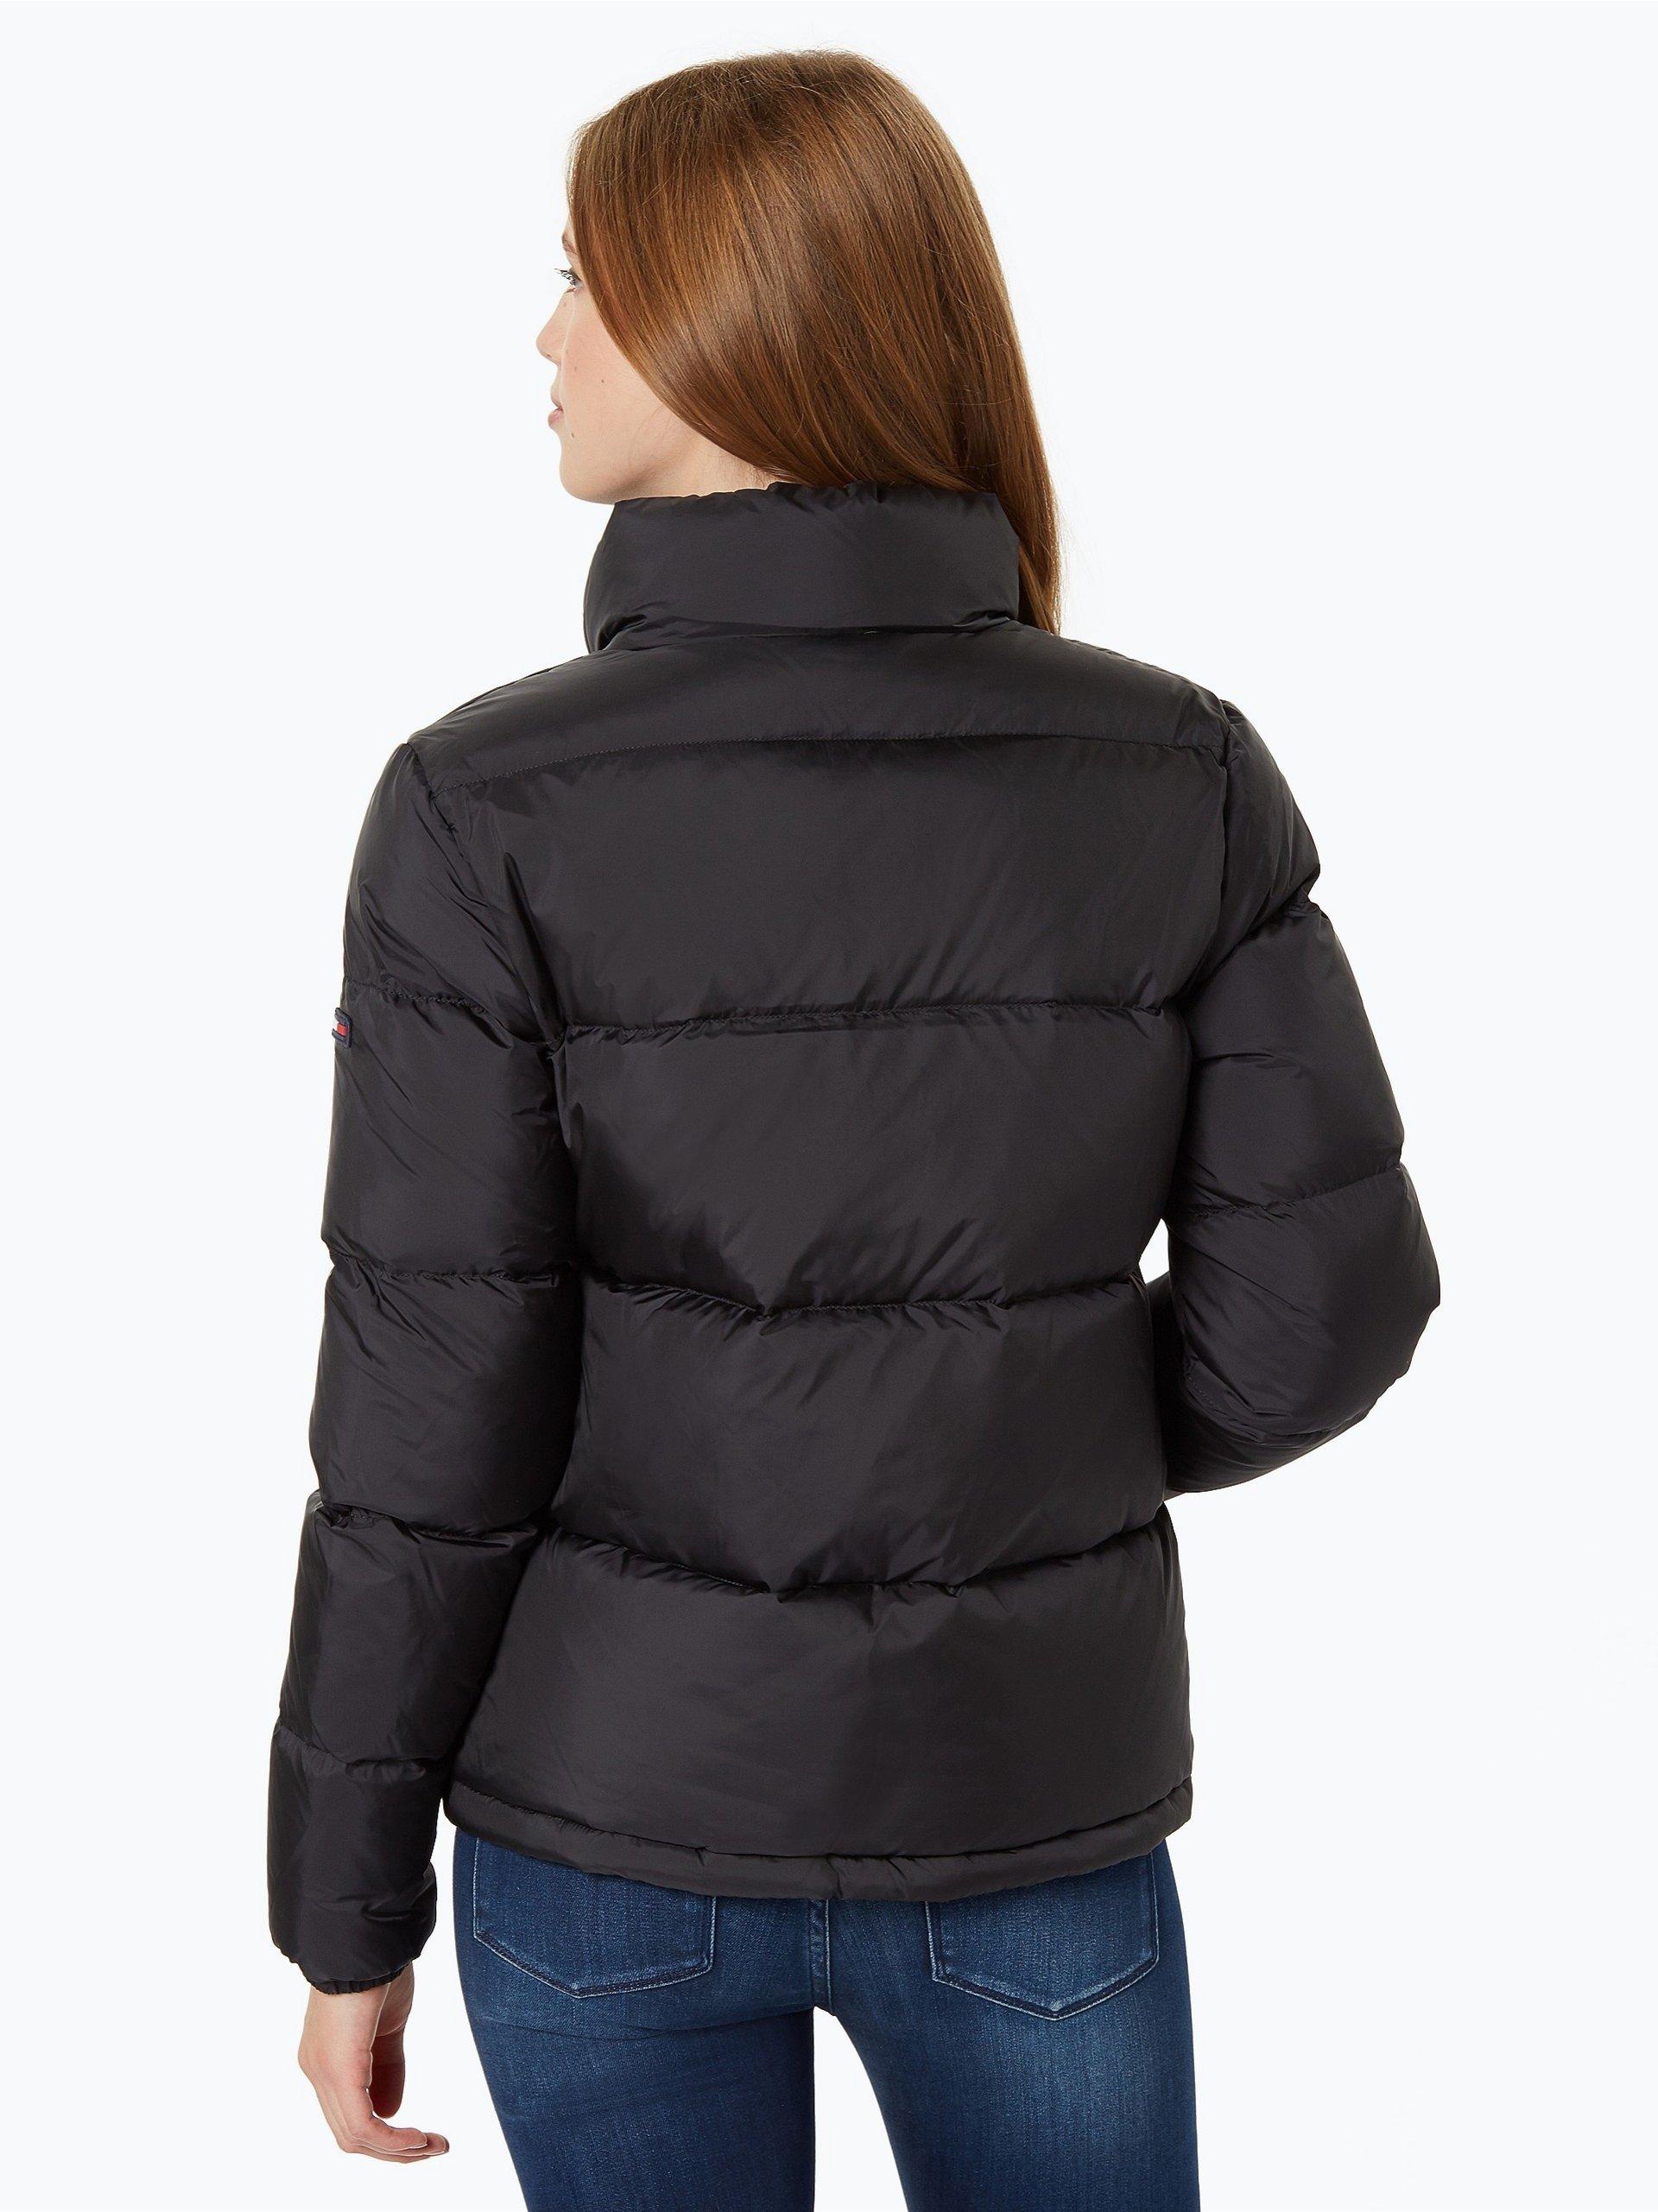 tommy jeans damen daunenjacke 2 online kaufen peek und cloppenburg de. Black Bedroom Furniture Sets. Home Design Ideas